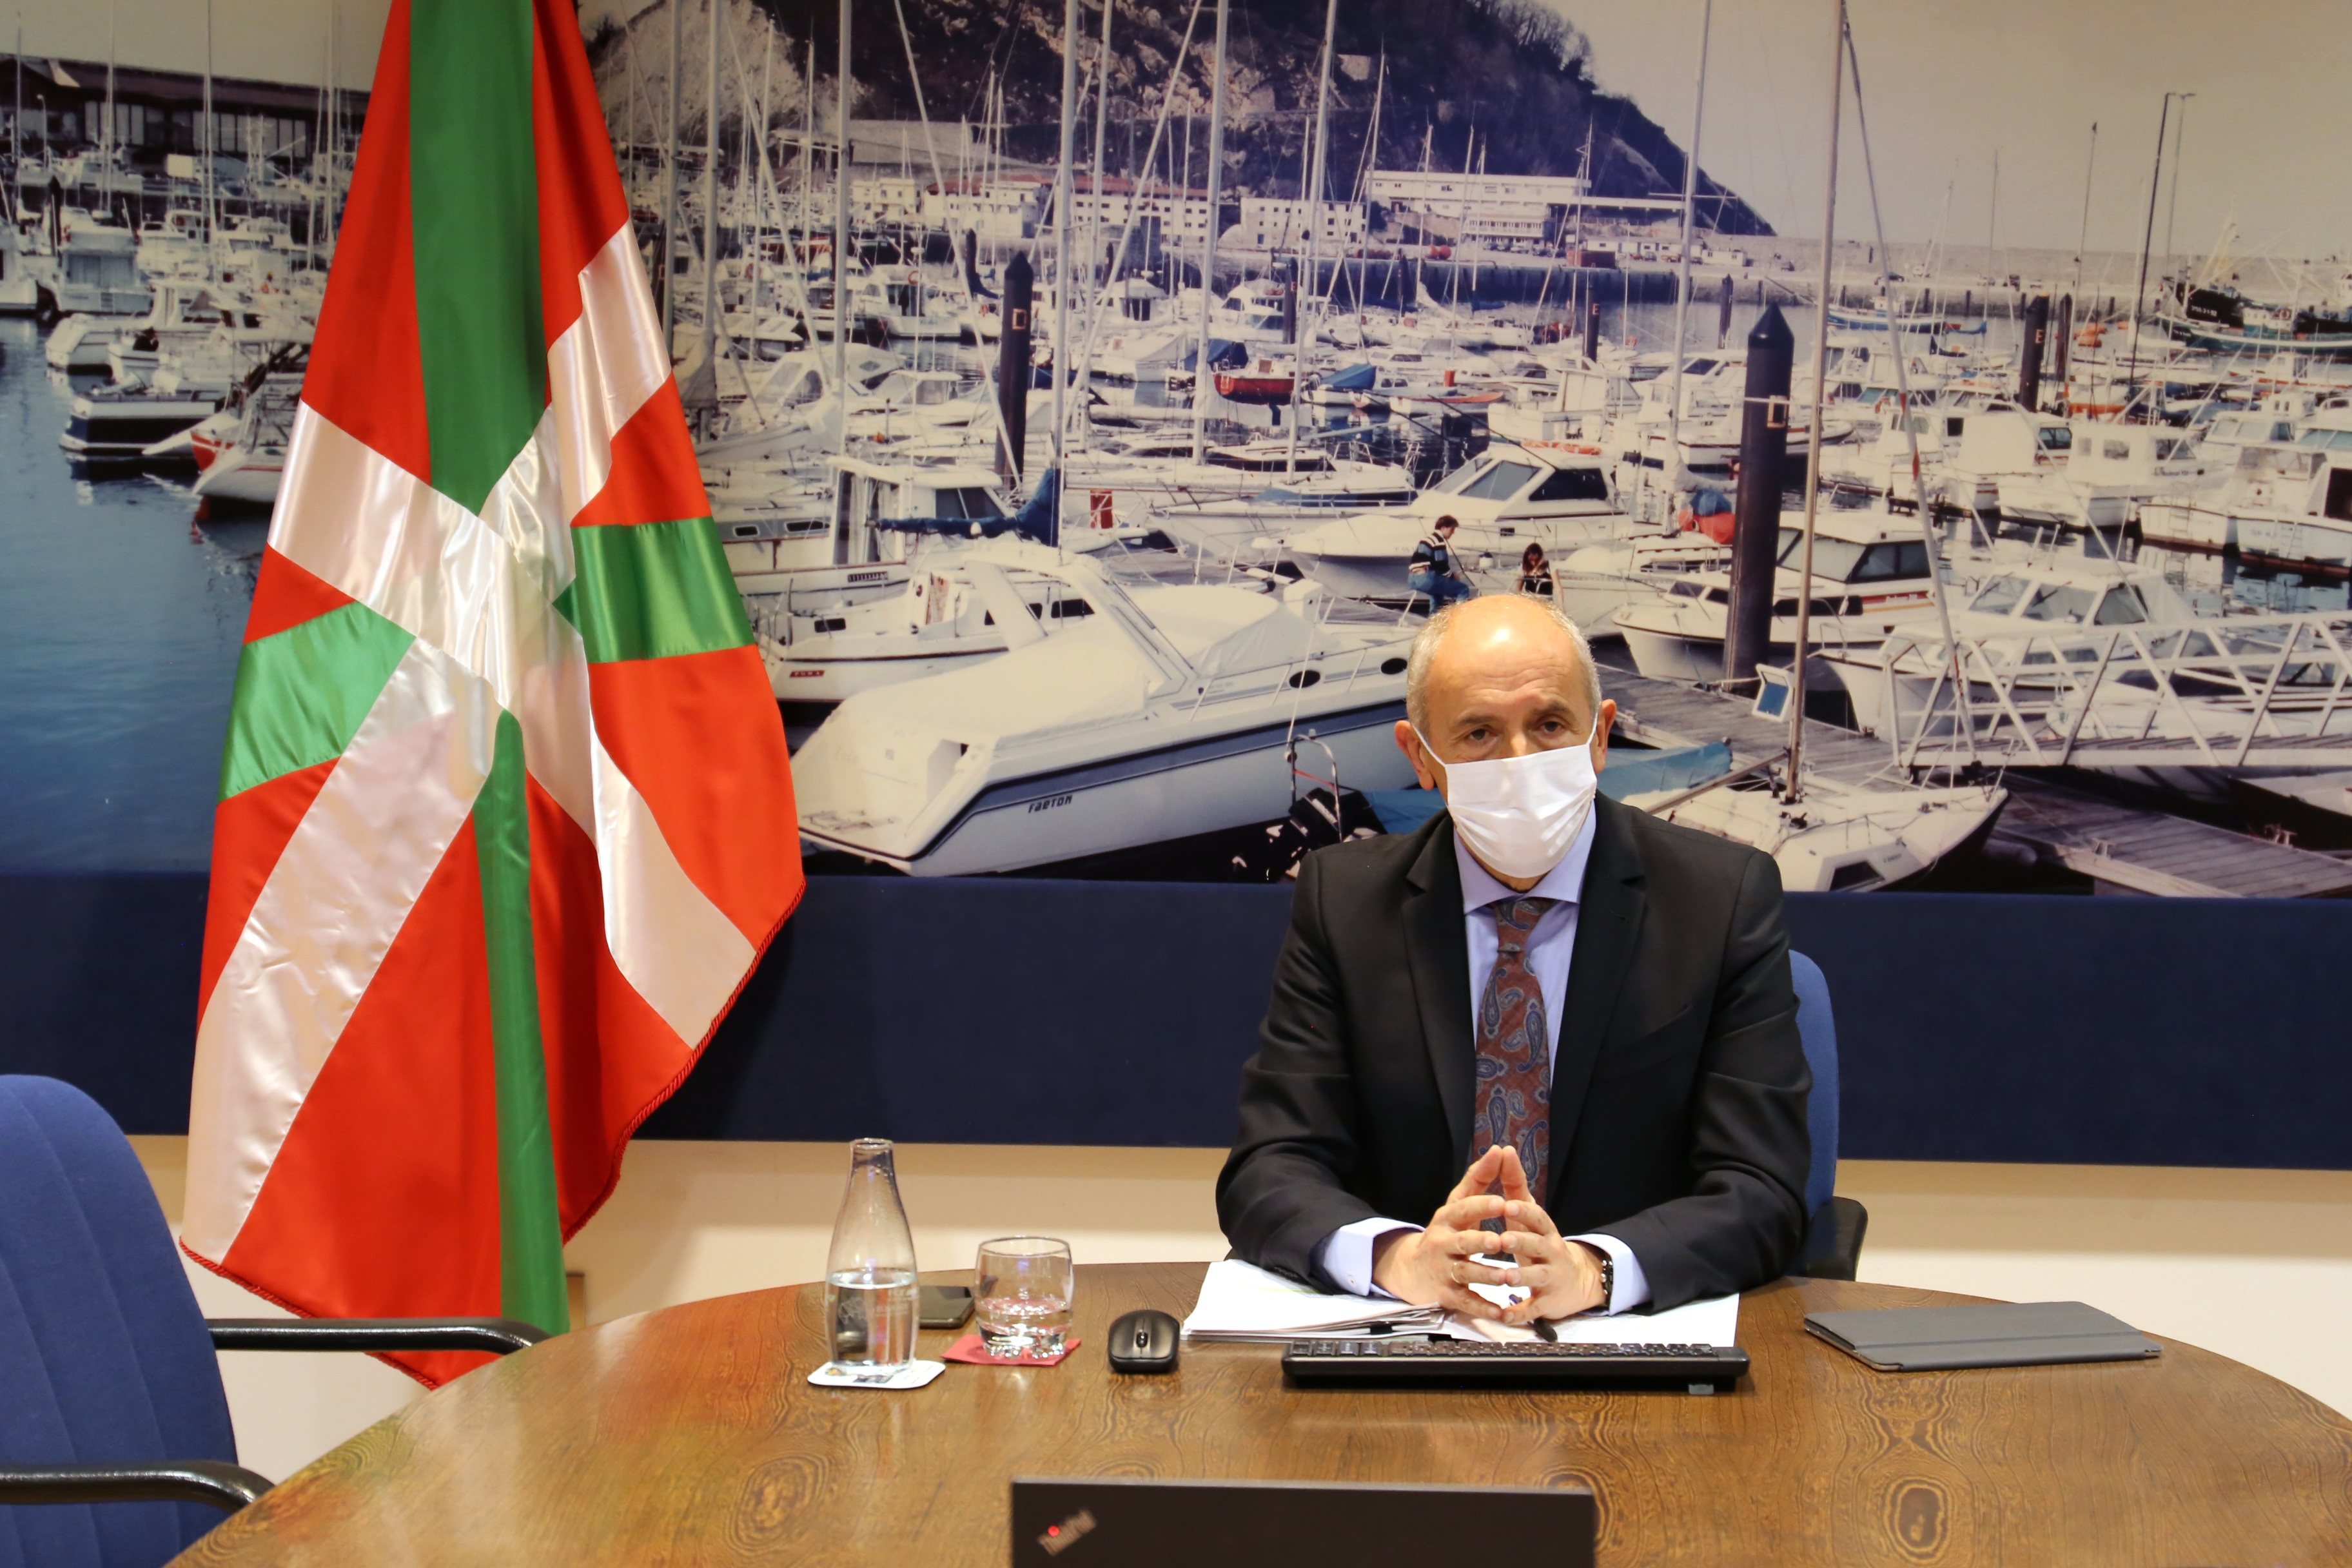 Josu Erkorekak Segurtasun Nazionaleko Gaietarako Batzar Sektorialean parte hartu du bideokonferentzia bidez  [0:00]